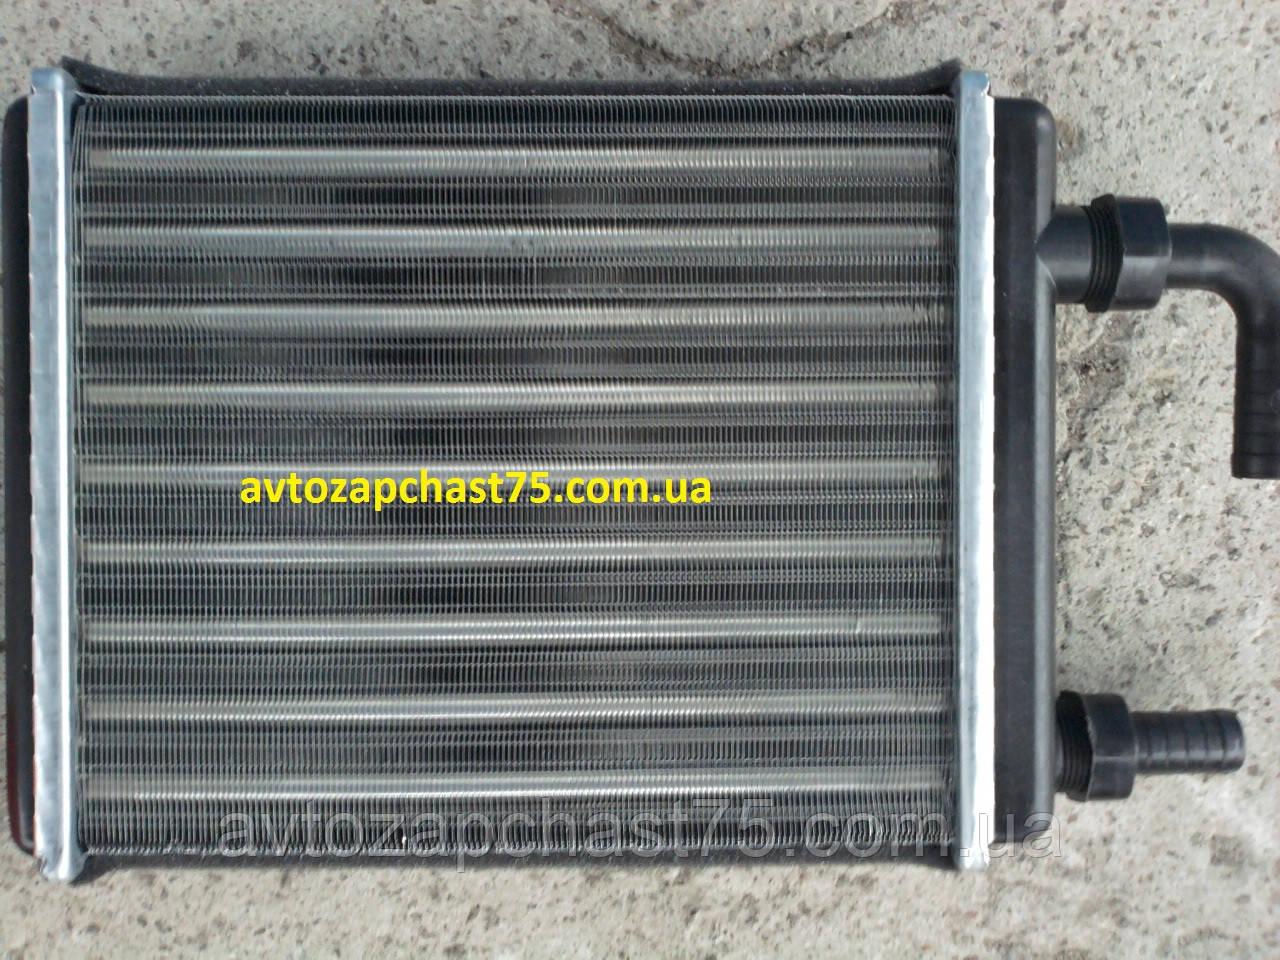 Радиатор отопителя салонный Газель, Газ 3302, Газ 3221 (Дорожная карта, Харьков